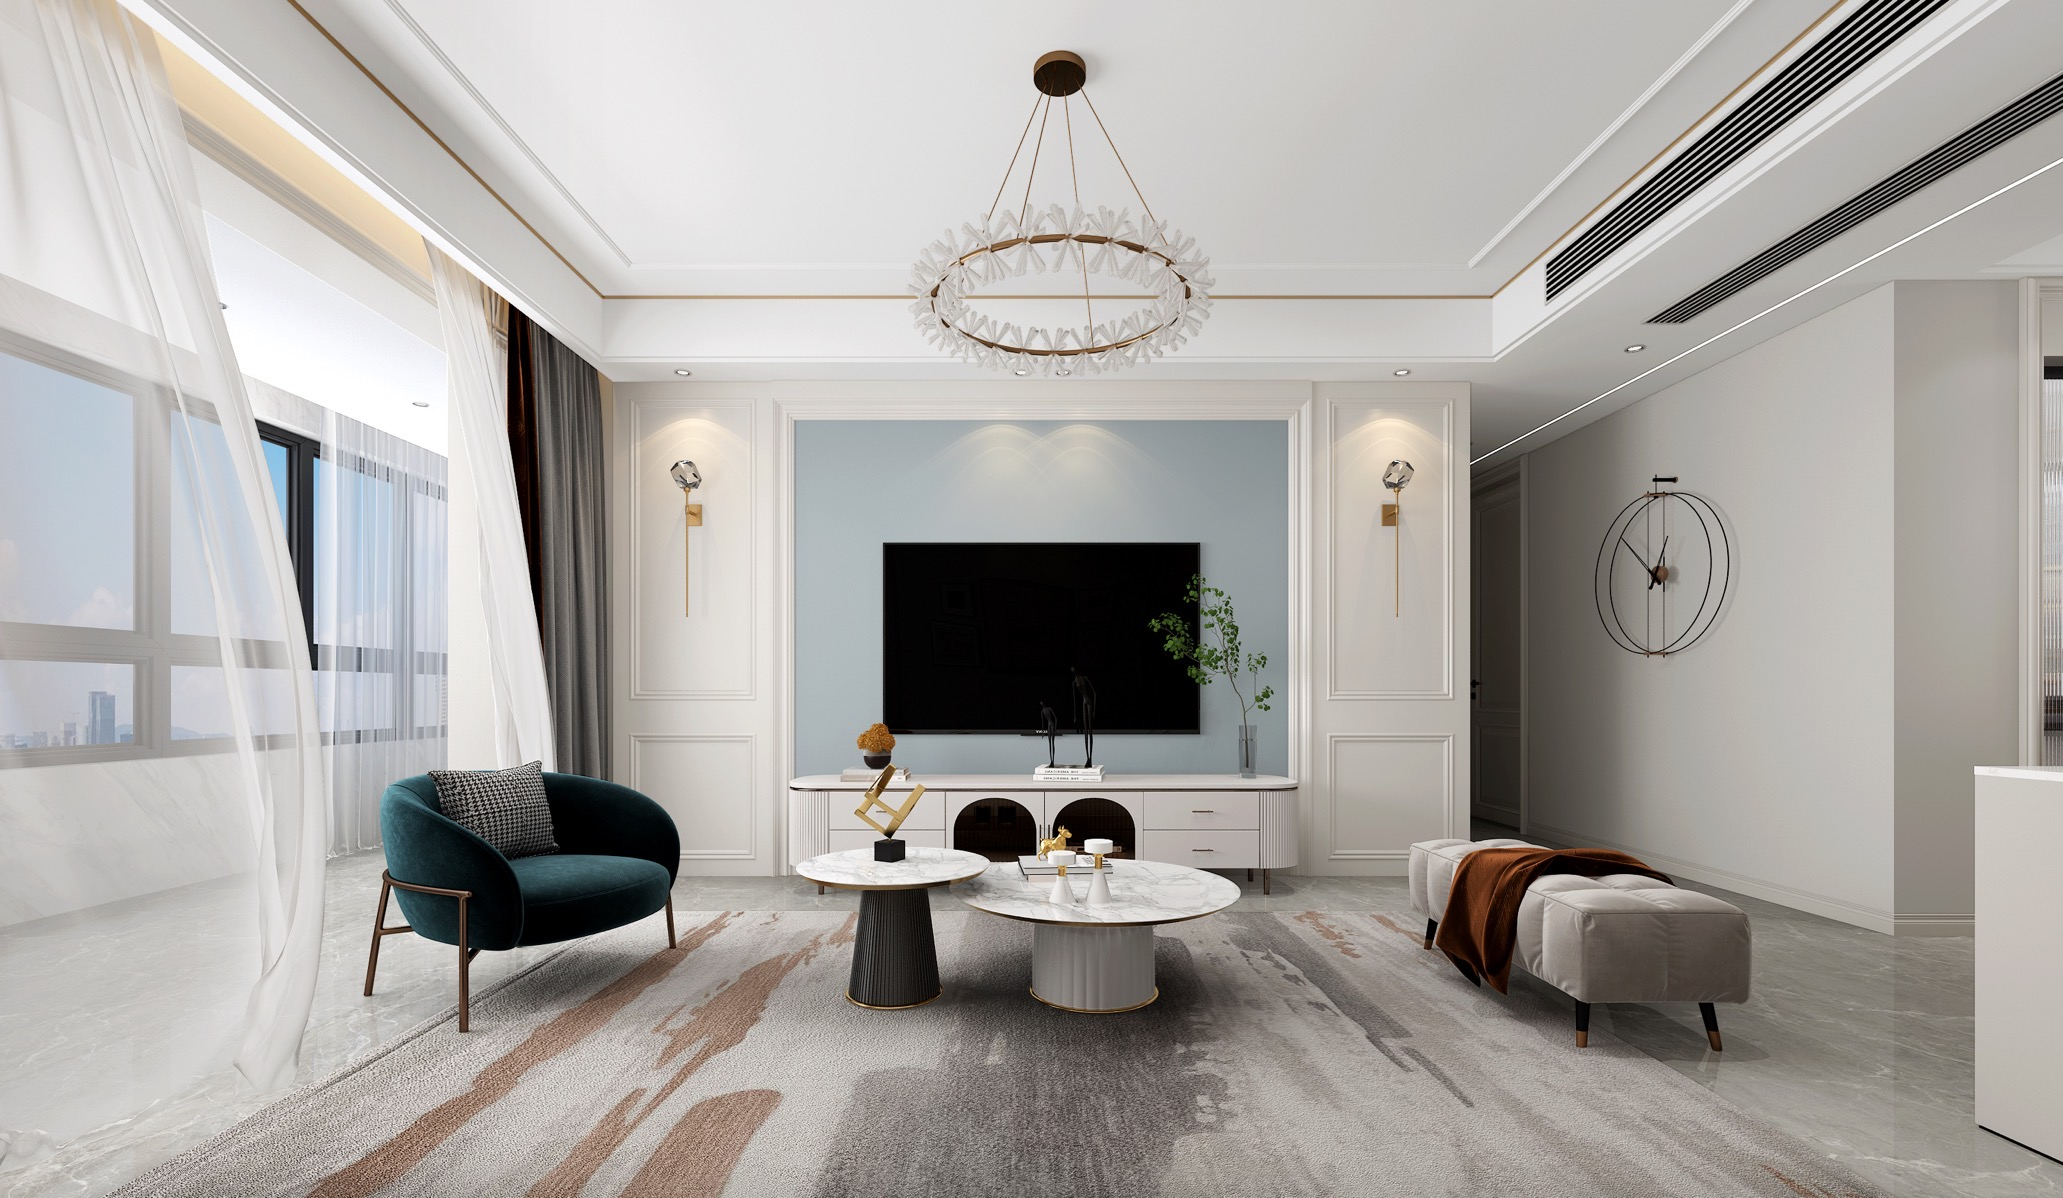 城建琥珀东华府132㎡法式轻奢风格新房装修设计案例